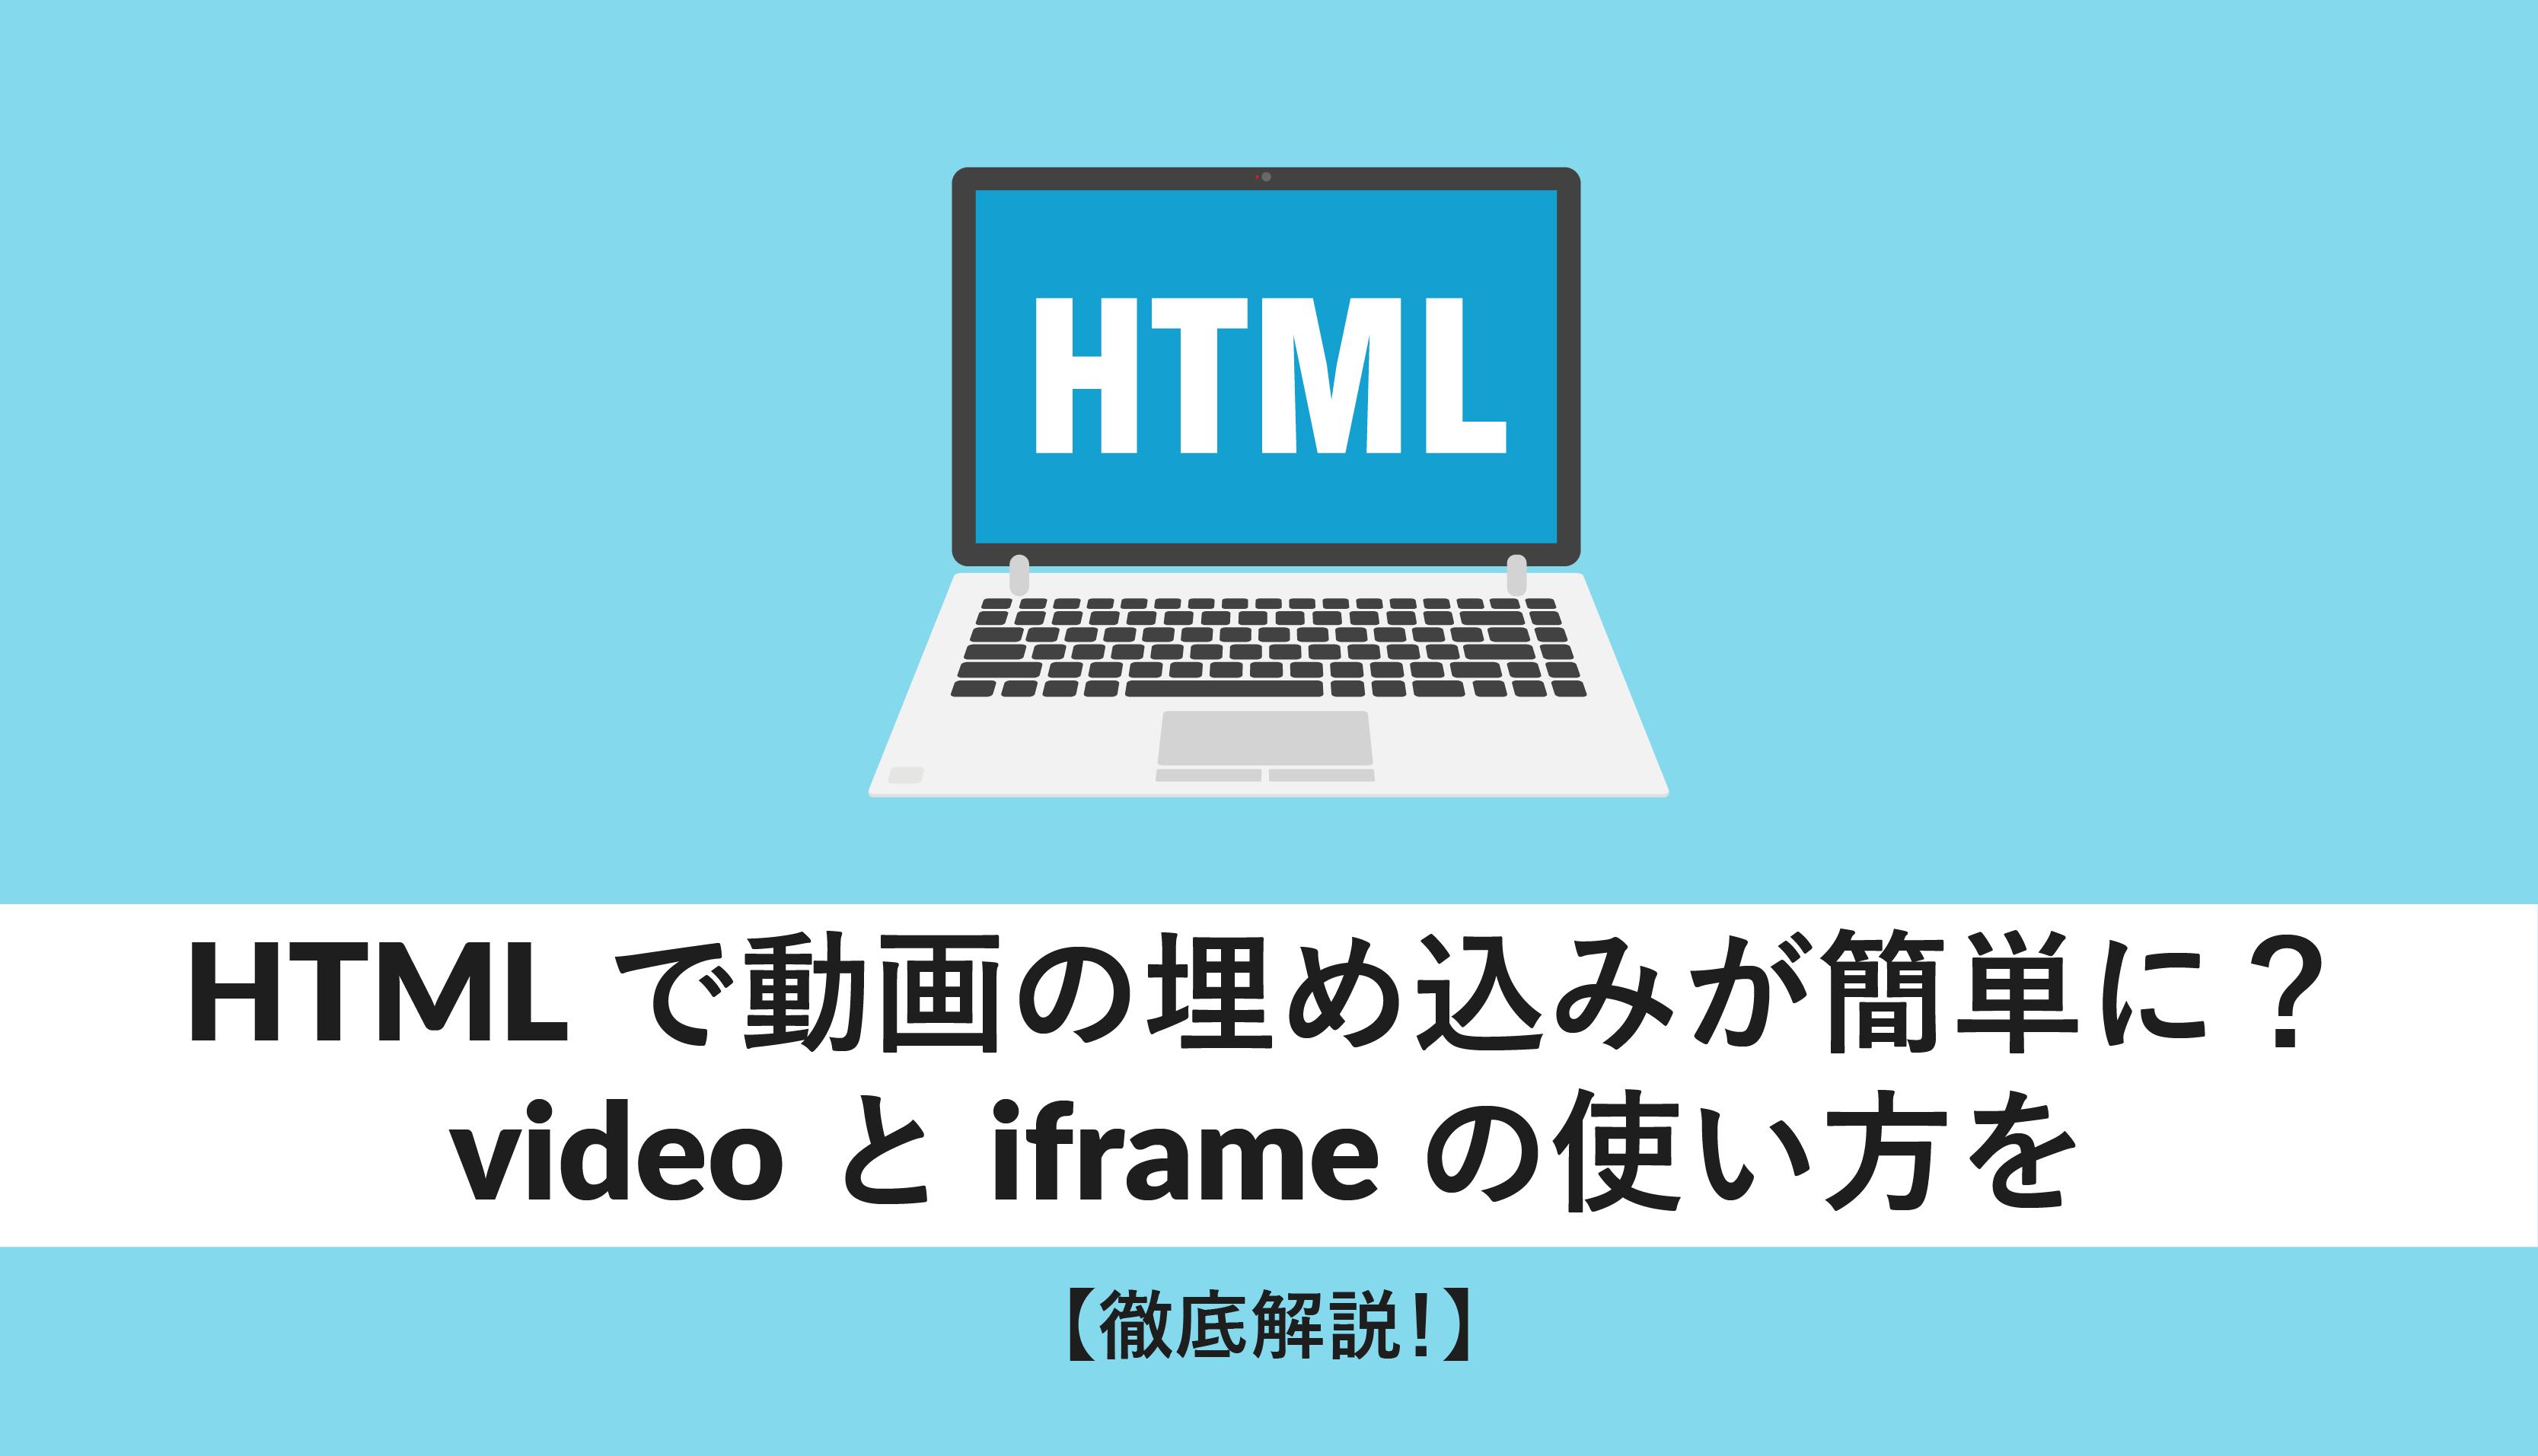 html 動画